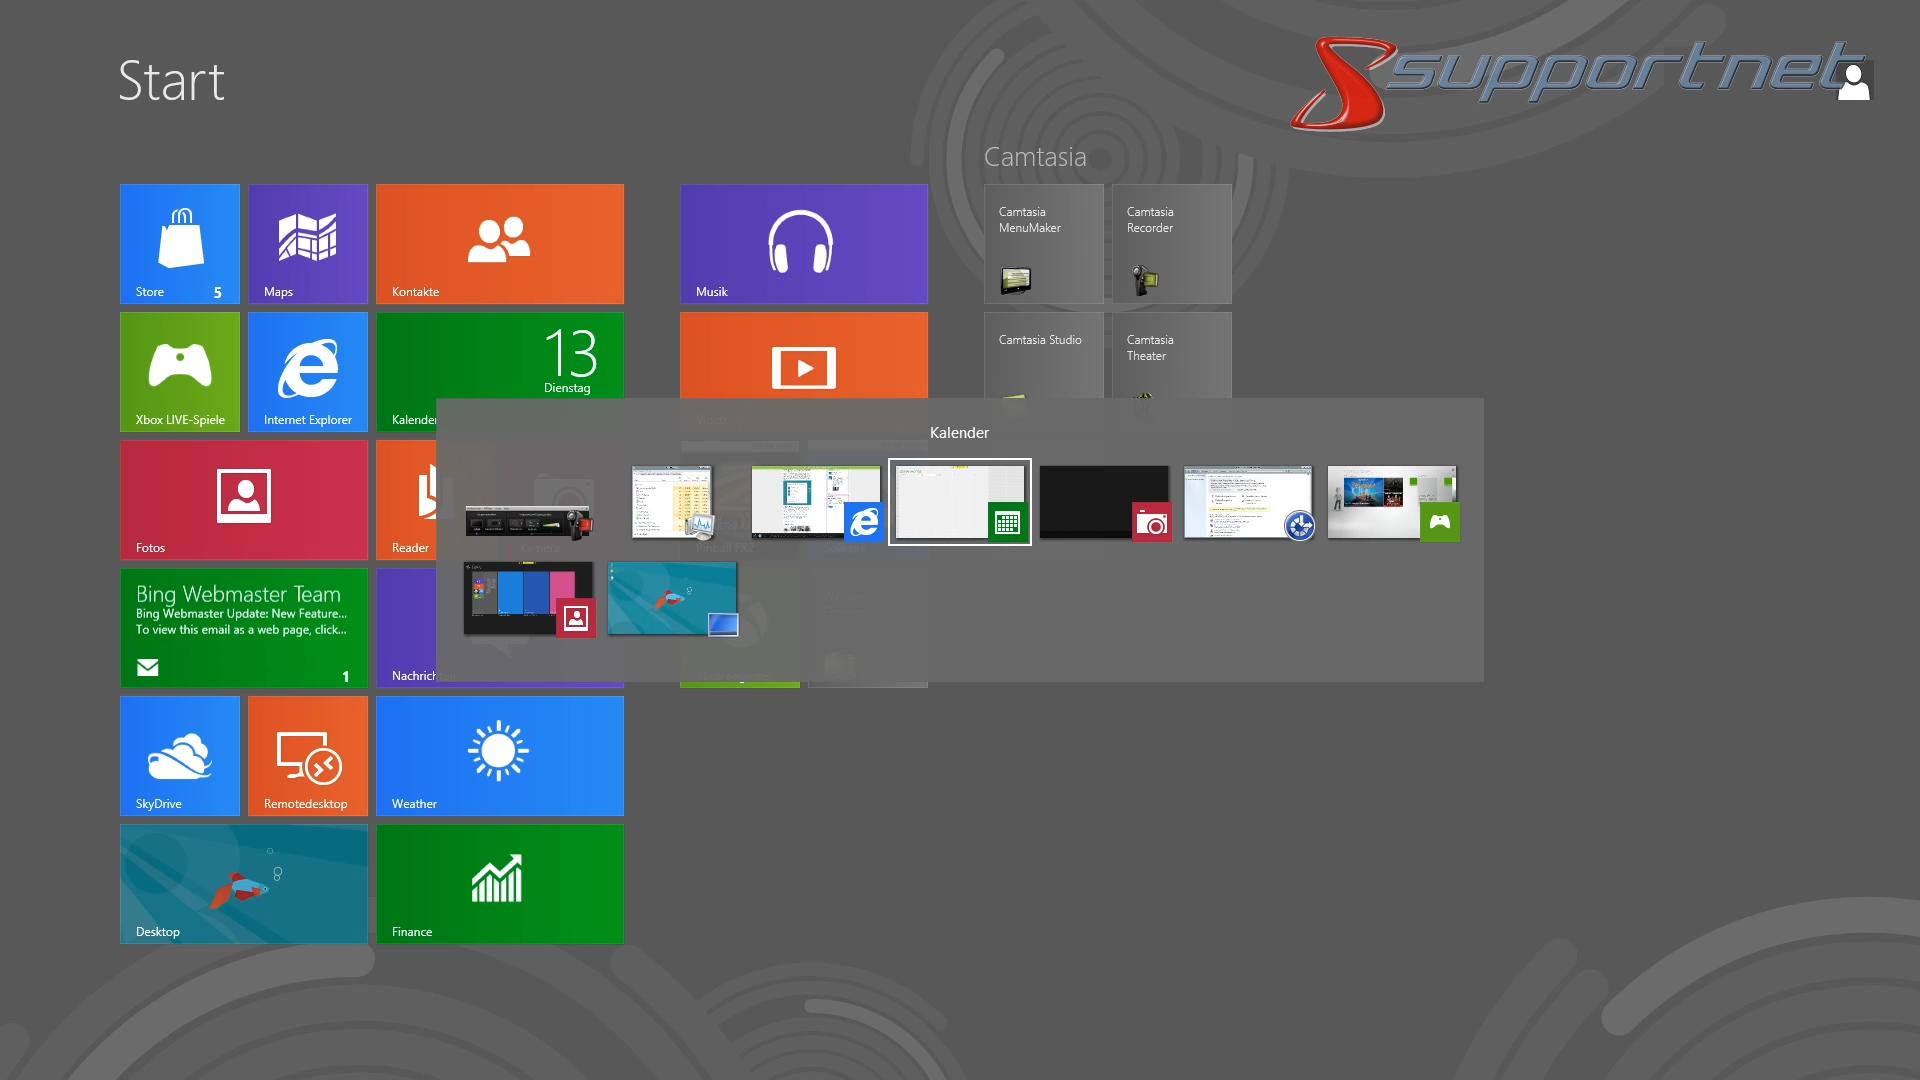 05-Handhabungstipps-fuer-apps-unter-windows-8-alt-tab-80.png?nocache=1331722376022